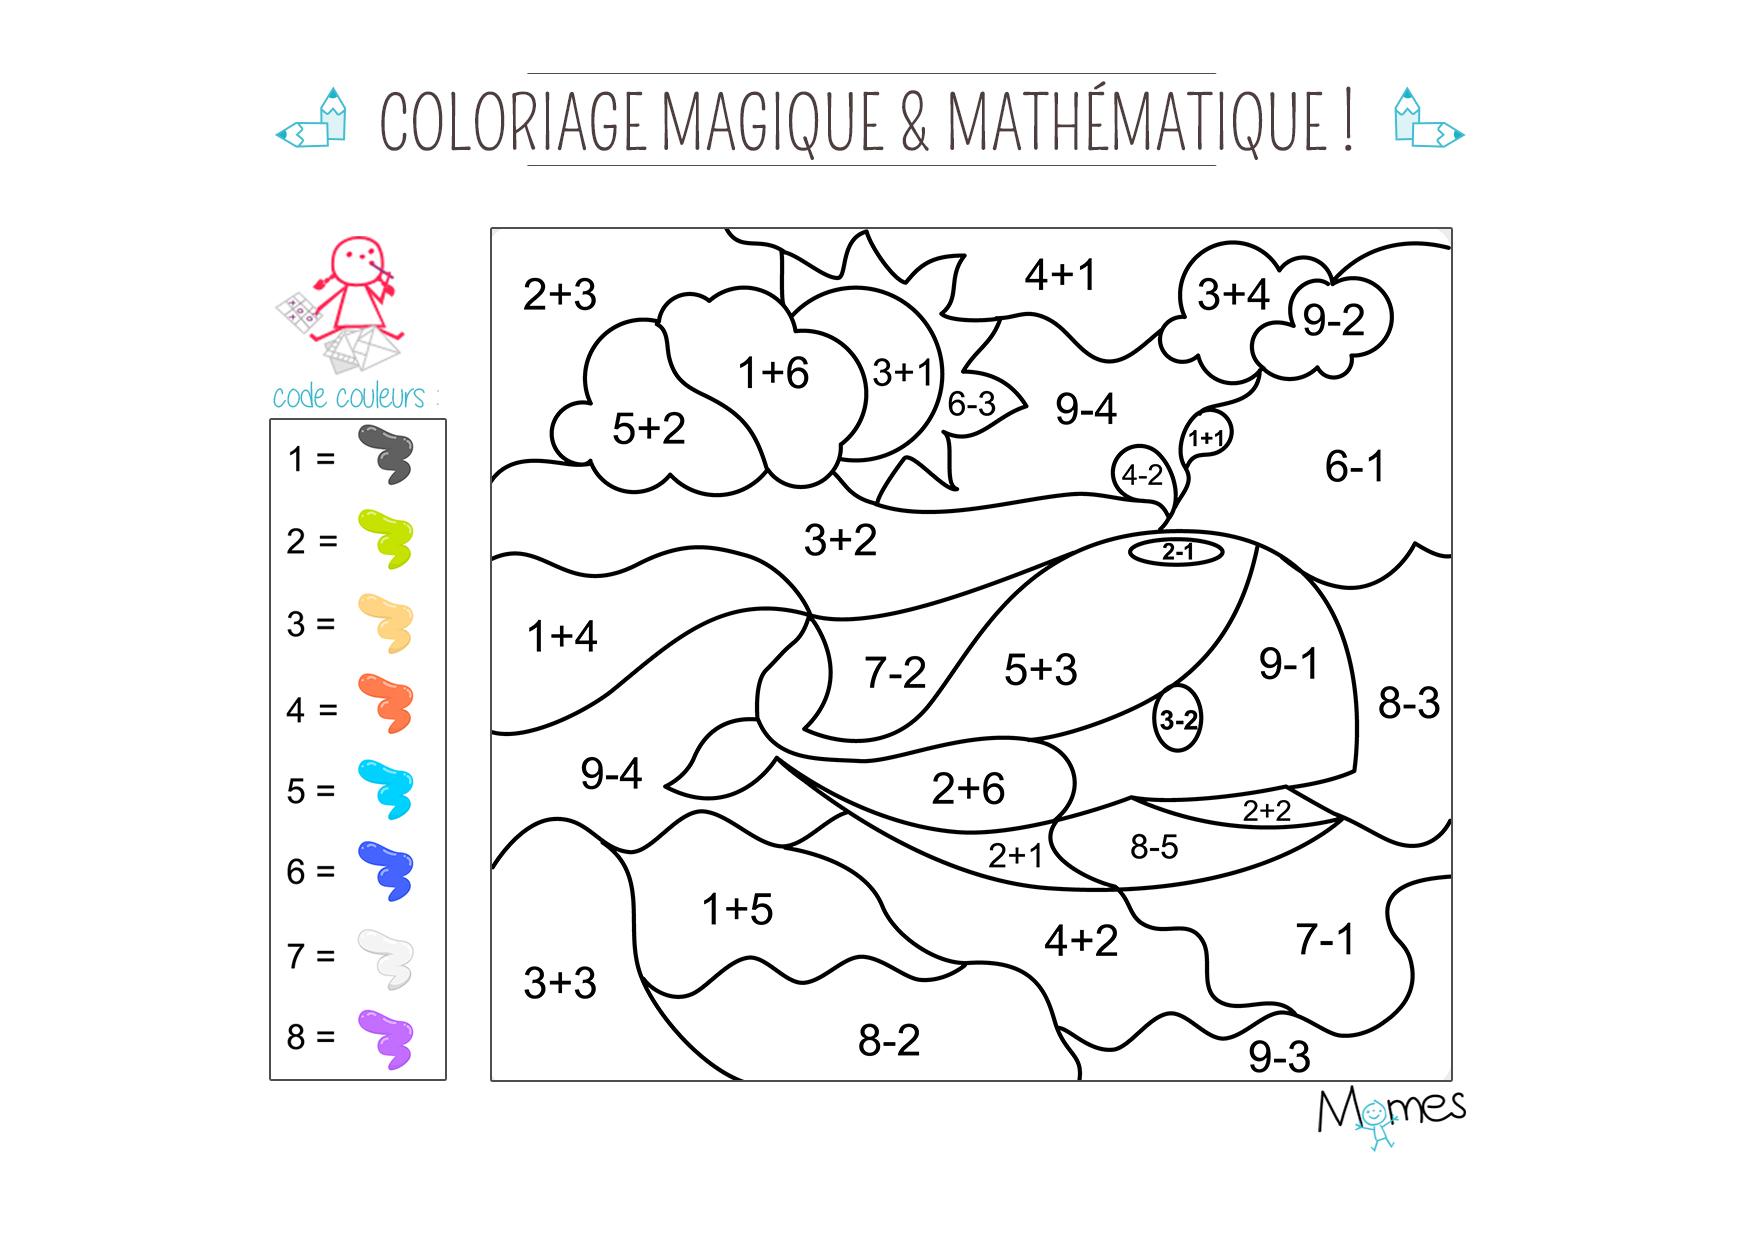 Coloriage magique logiciel educatif meilleures id es - Logiciel educatif fr math tables addition ...